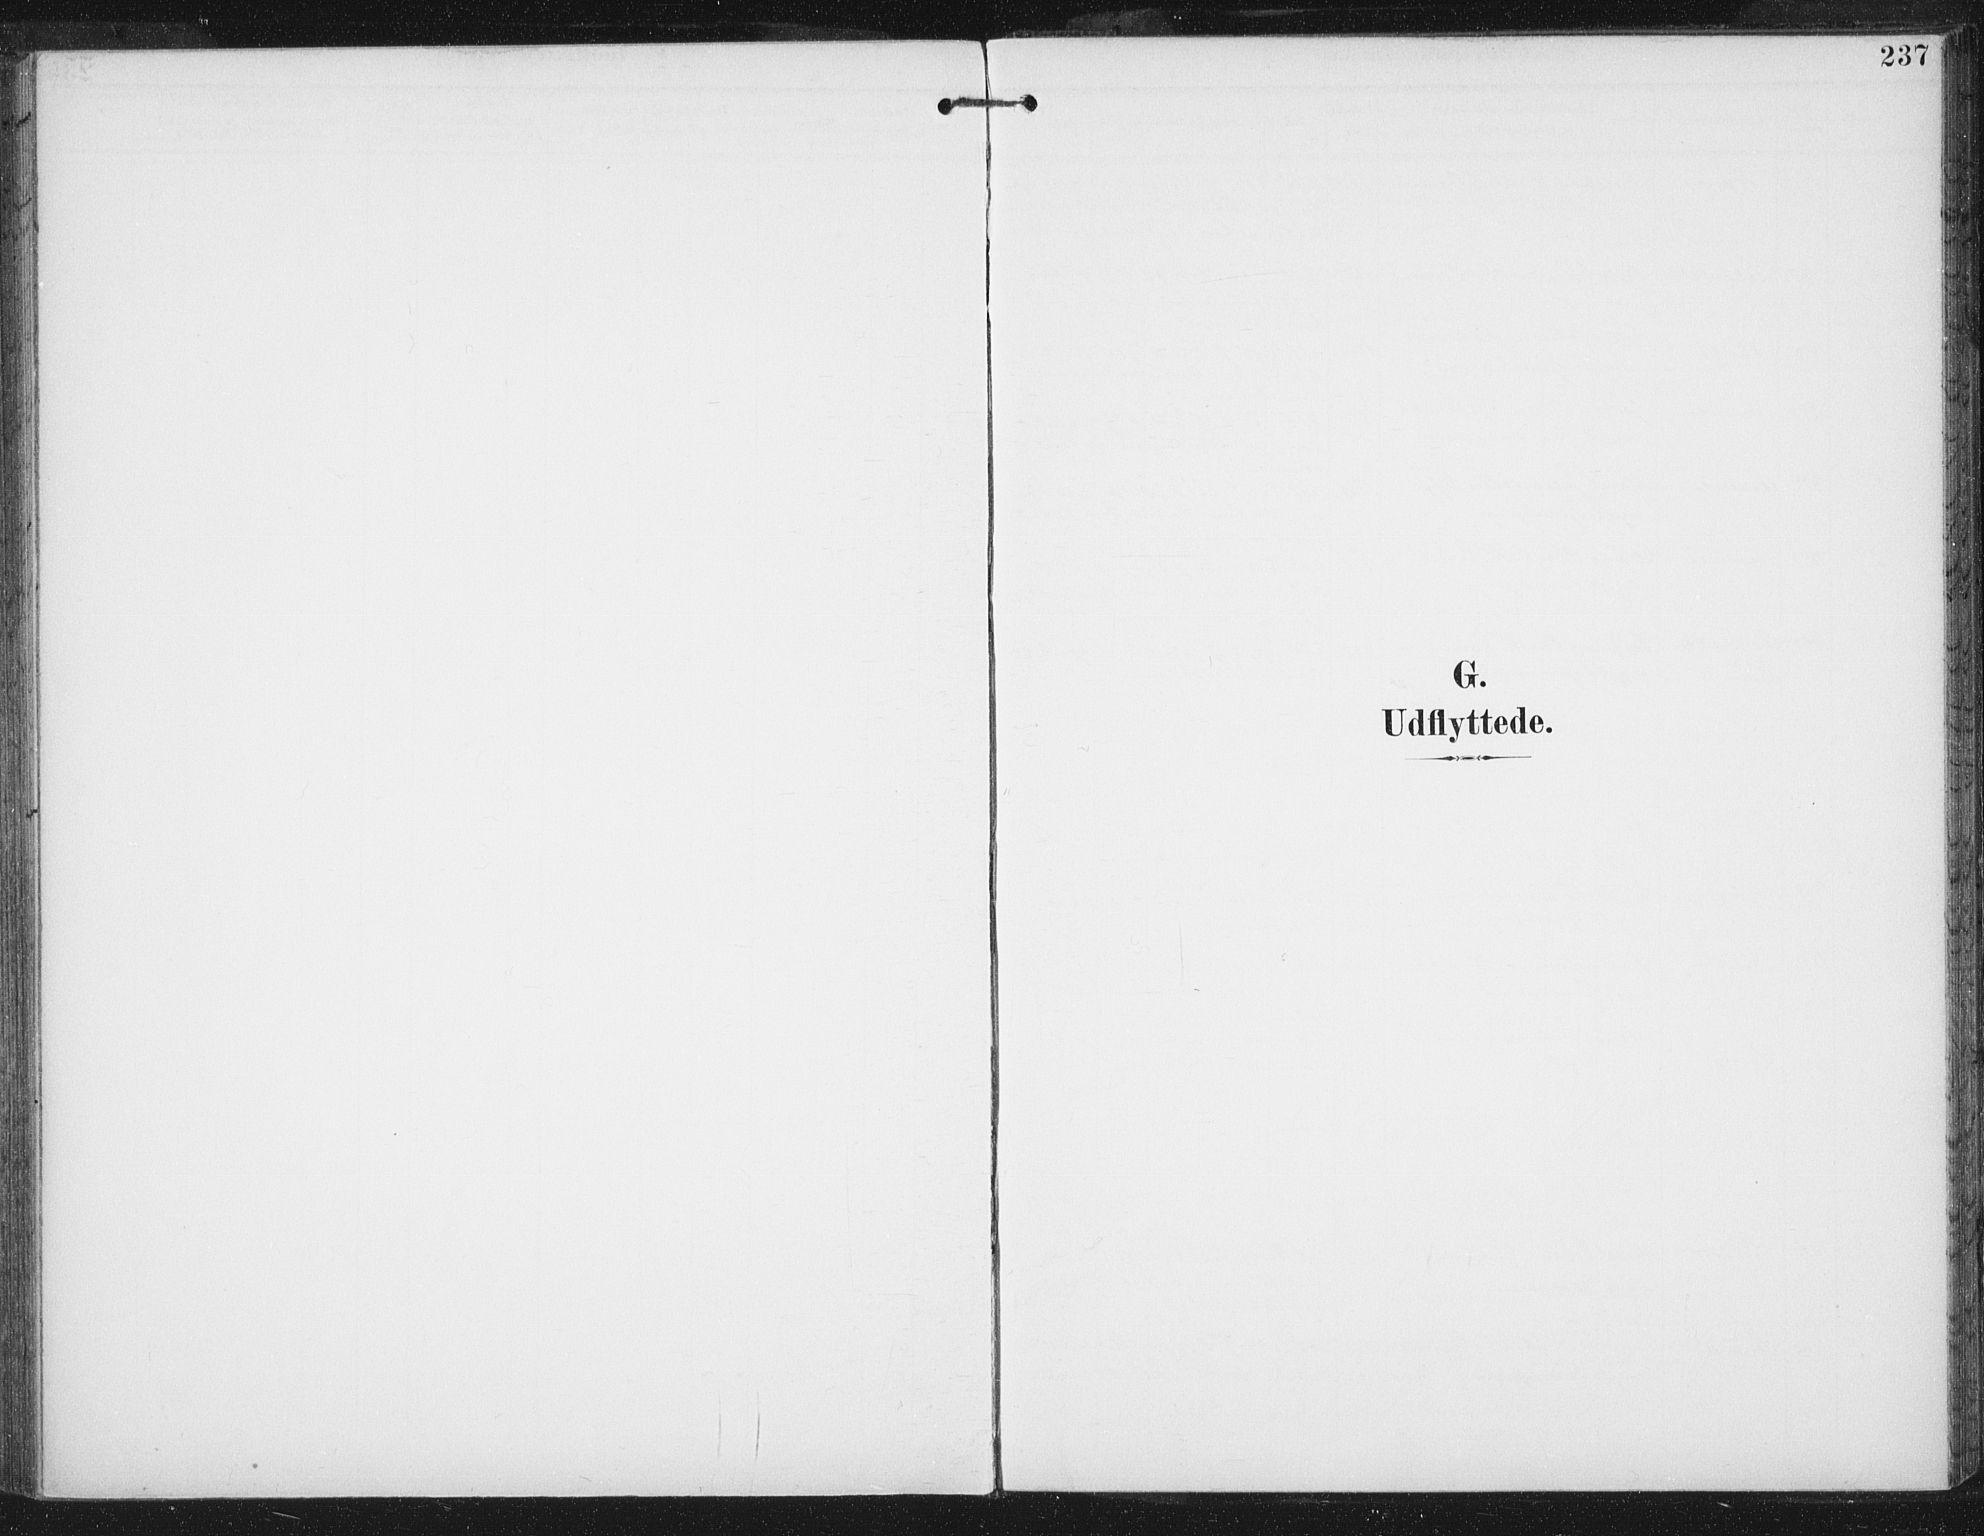 SAT, Ministerialprotokoller, klokkerbøker og fødselsregistre - Sør-Trøndelag, 674/L0872: Ministerialbok nr. 674A04, 1897-1907, s. 237